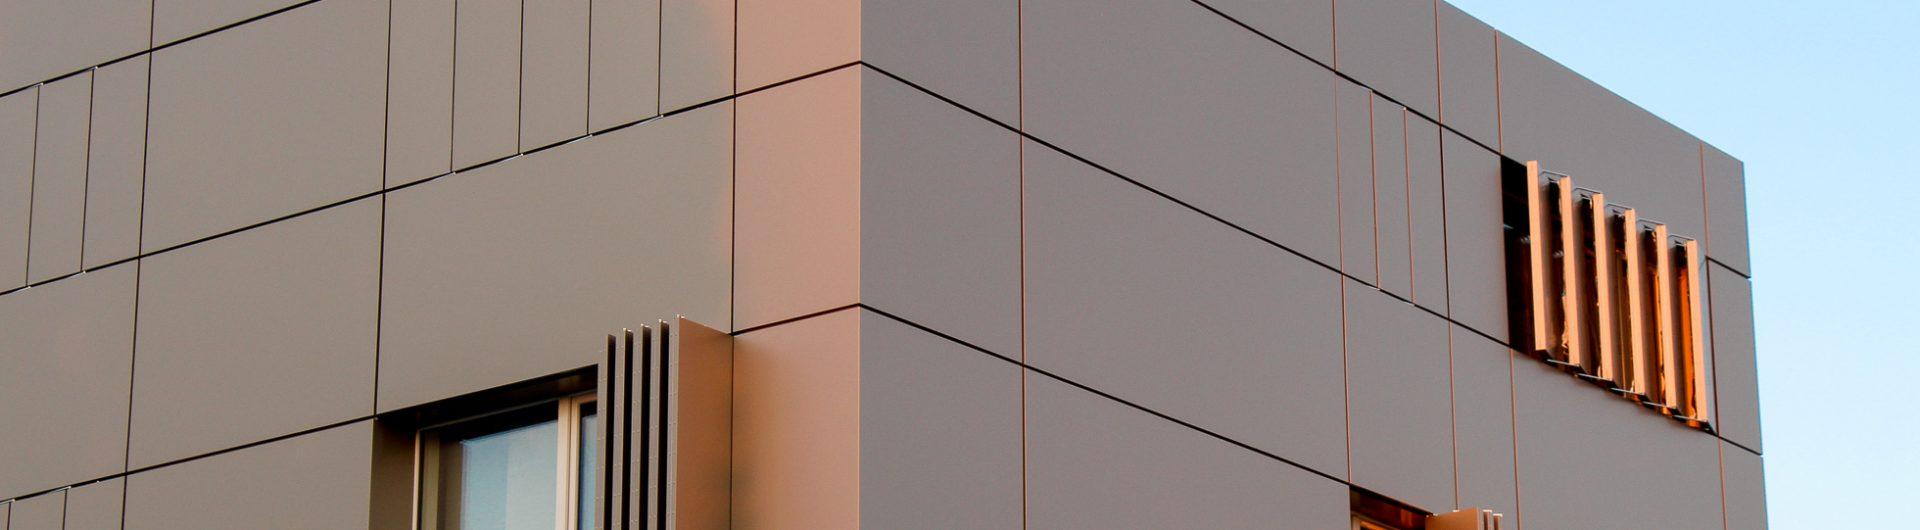 ALUCOBOND®-Fassade